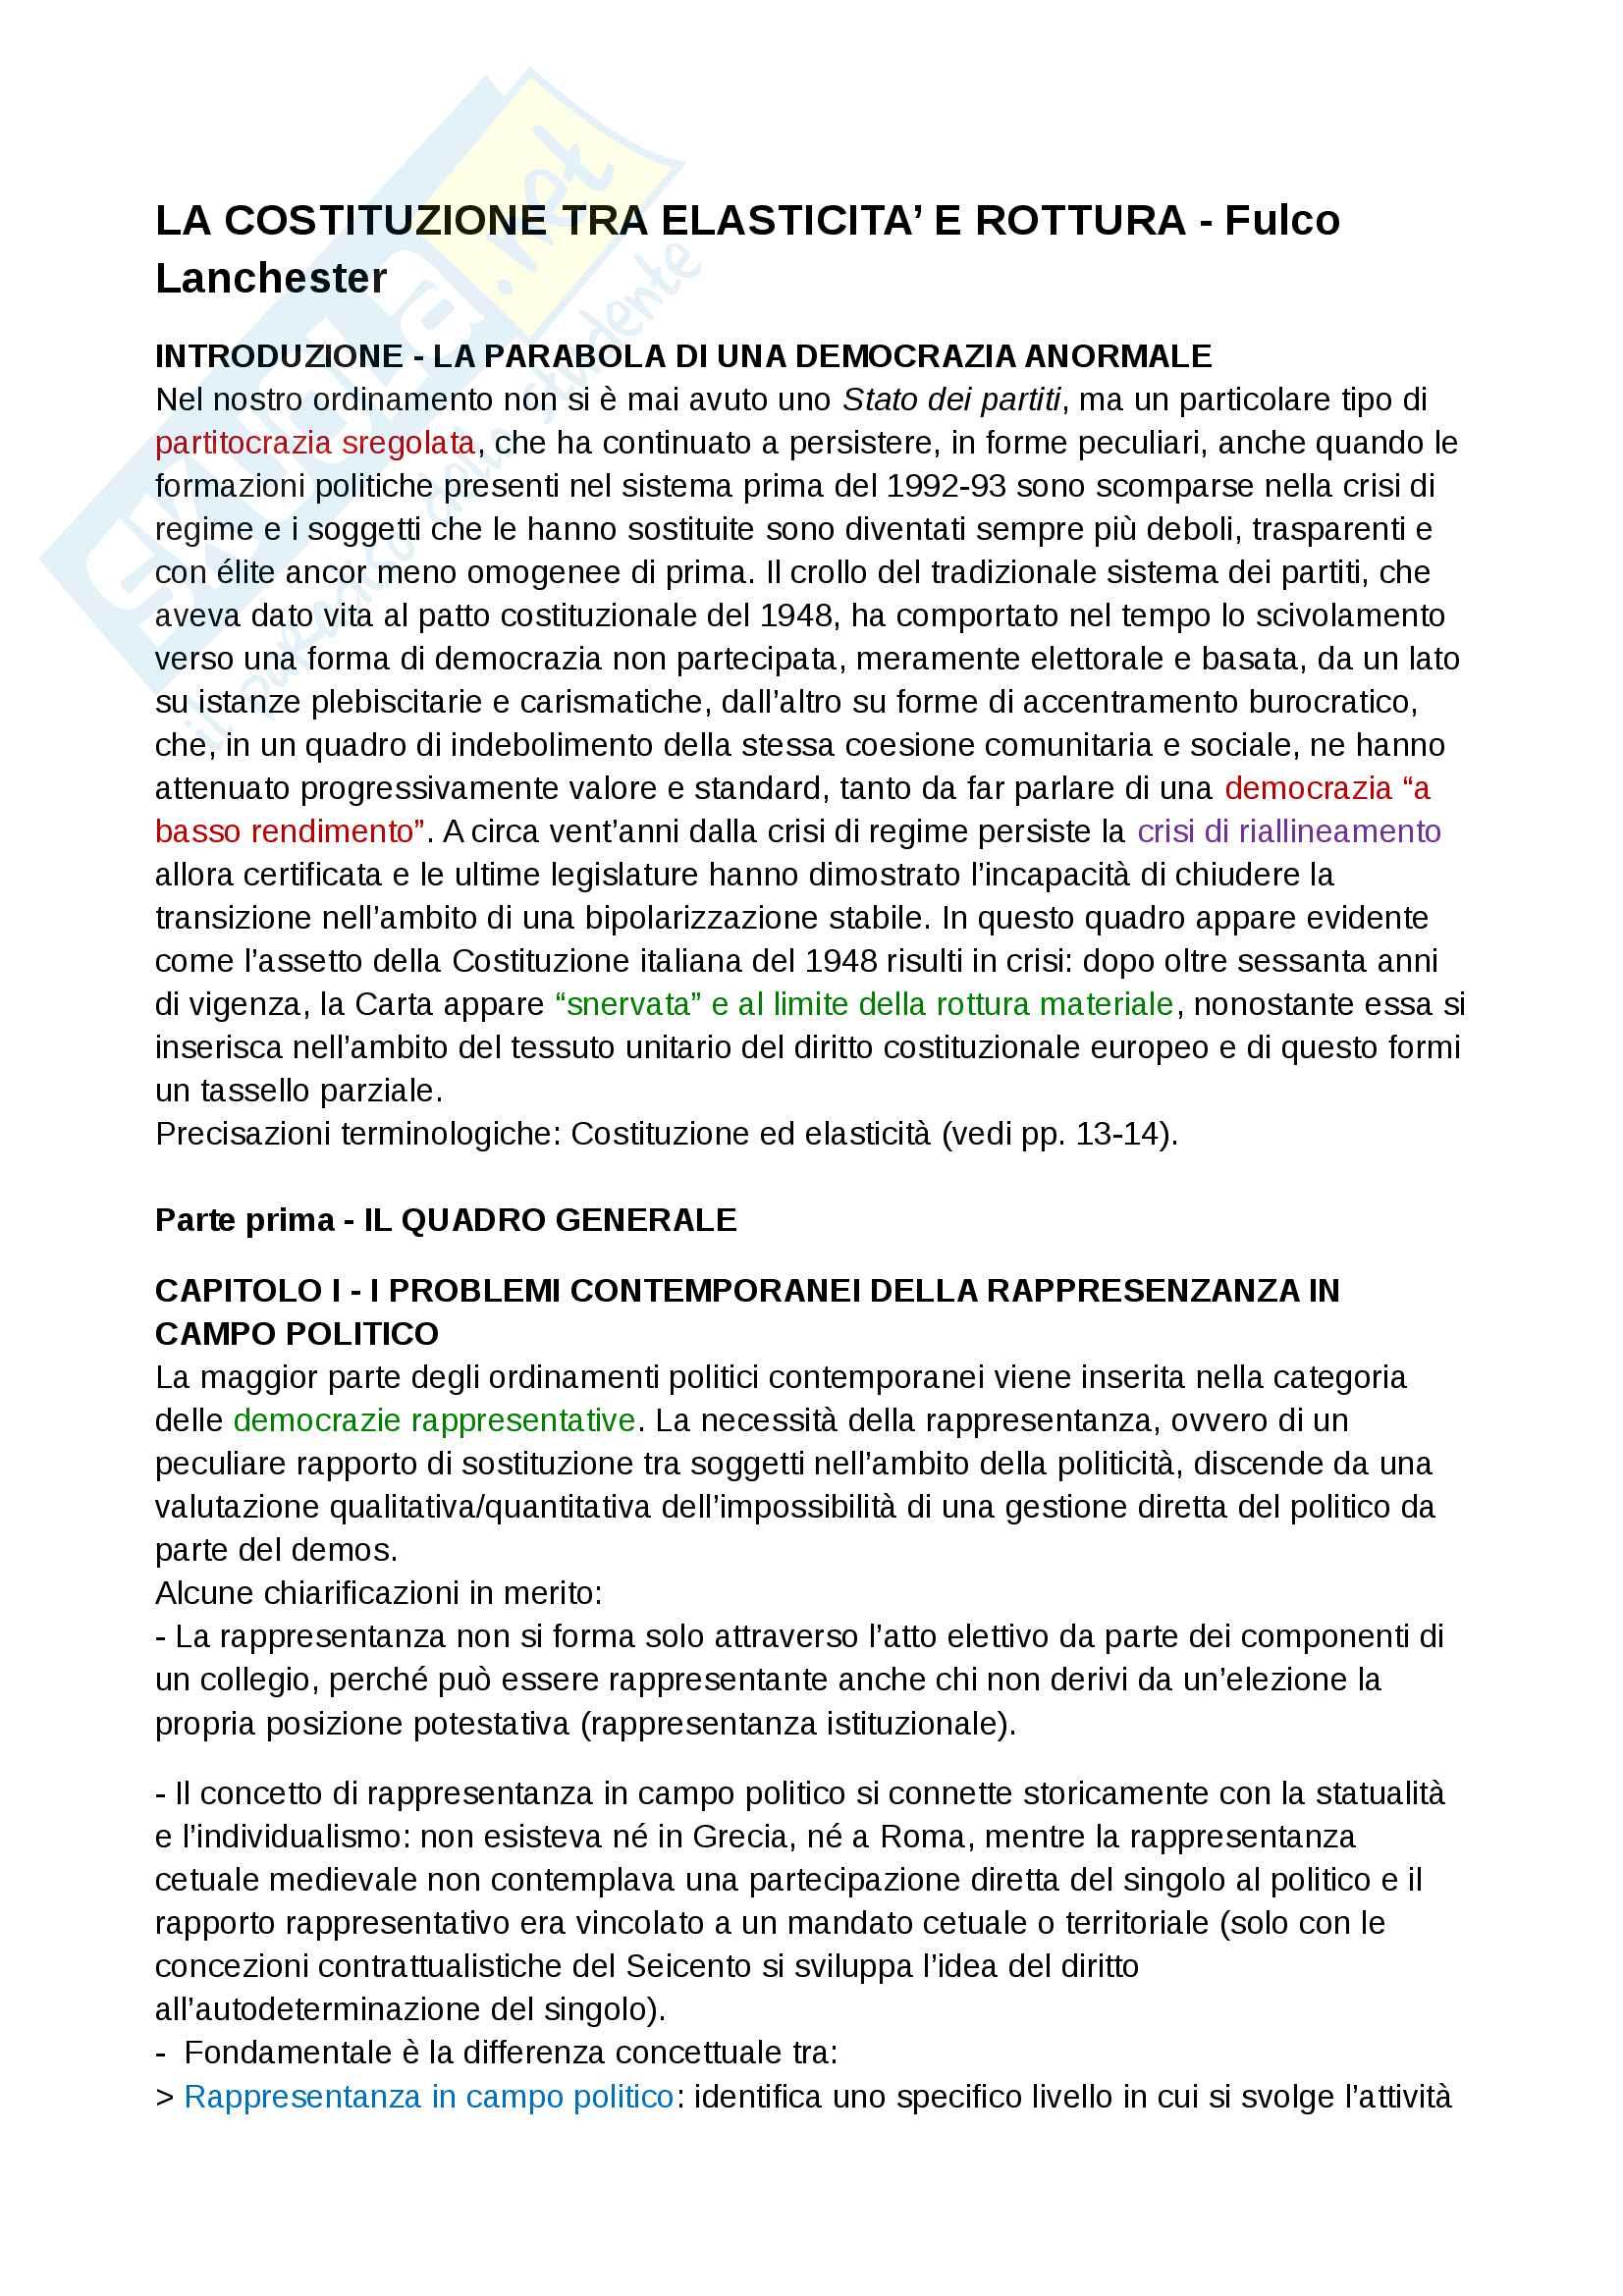 Riassunto esame Diritto pubblico italiano e comparato, docente Lanchester, libro consigliato La Costituzione tra elasticità e rottura, Fulco Lanchester